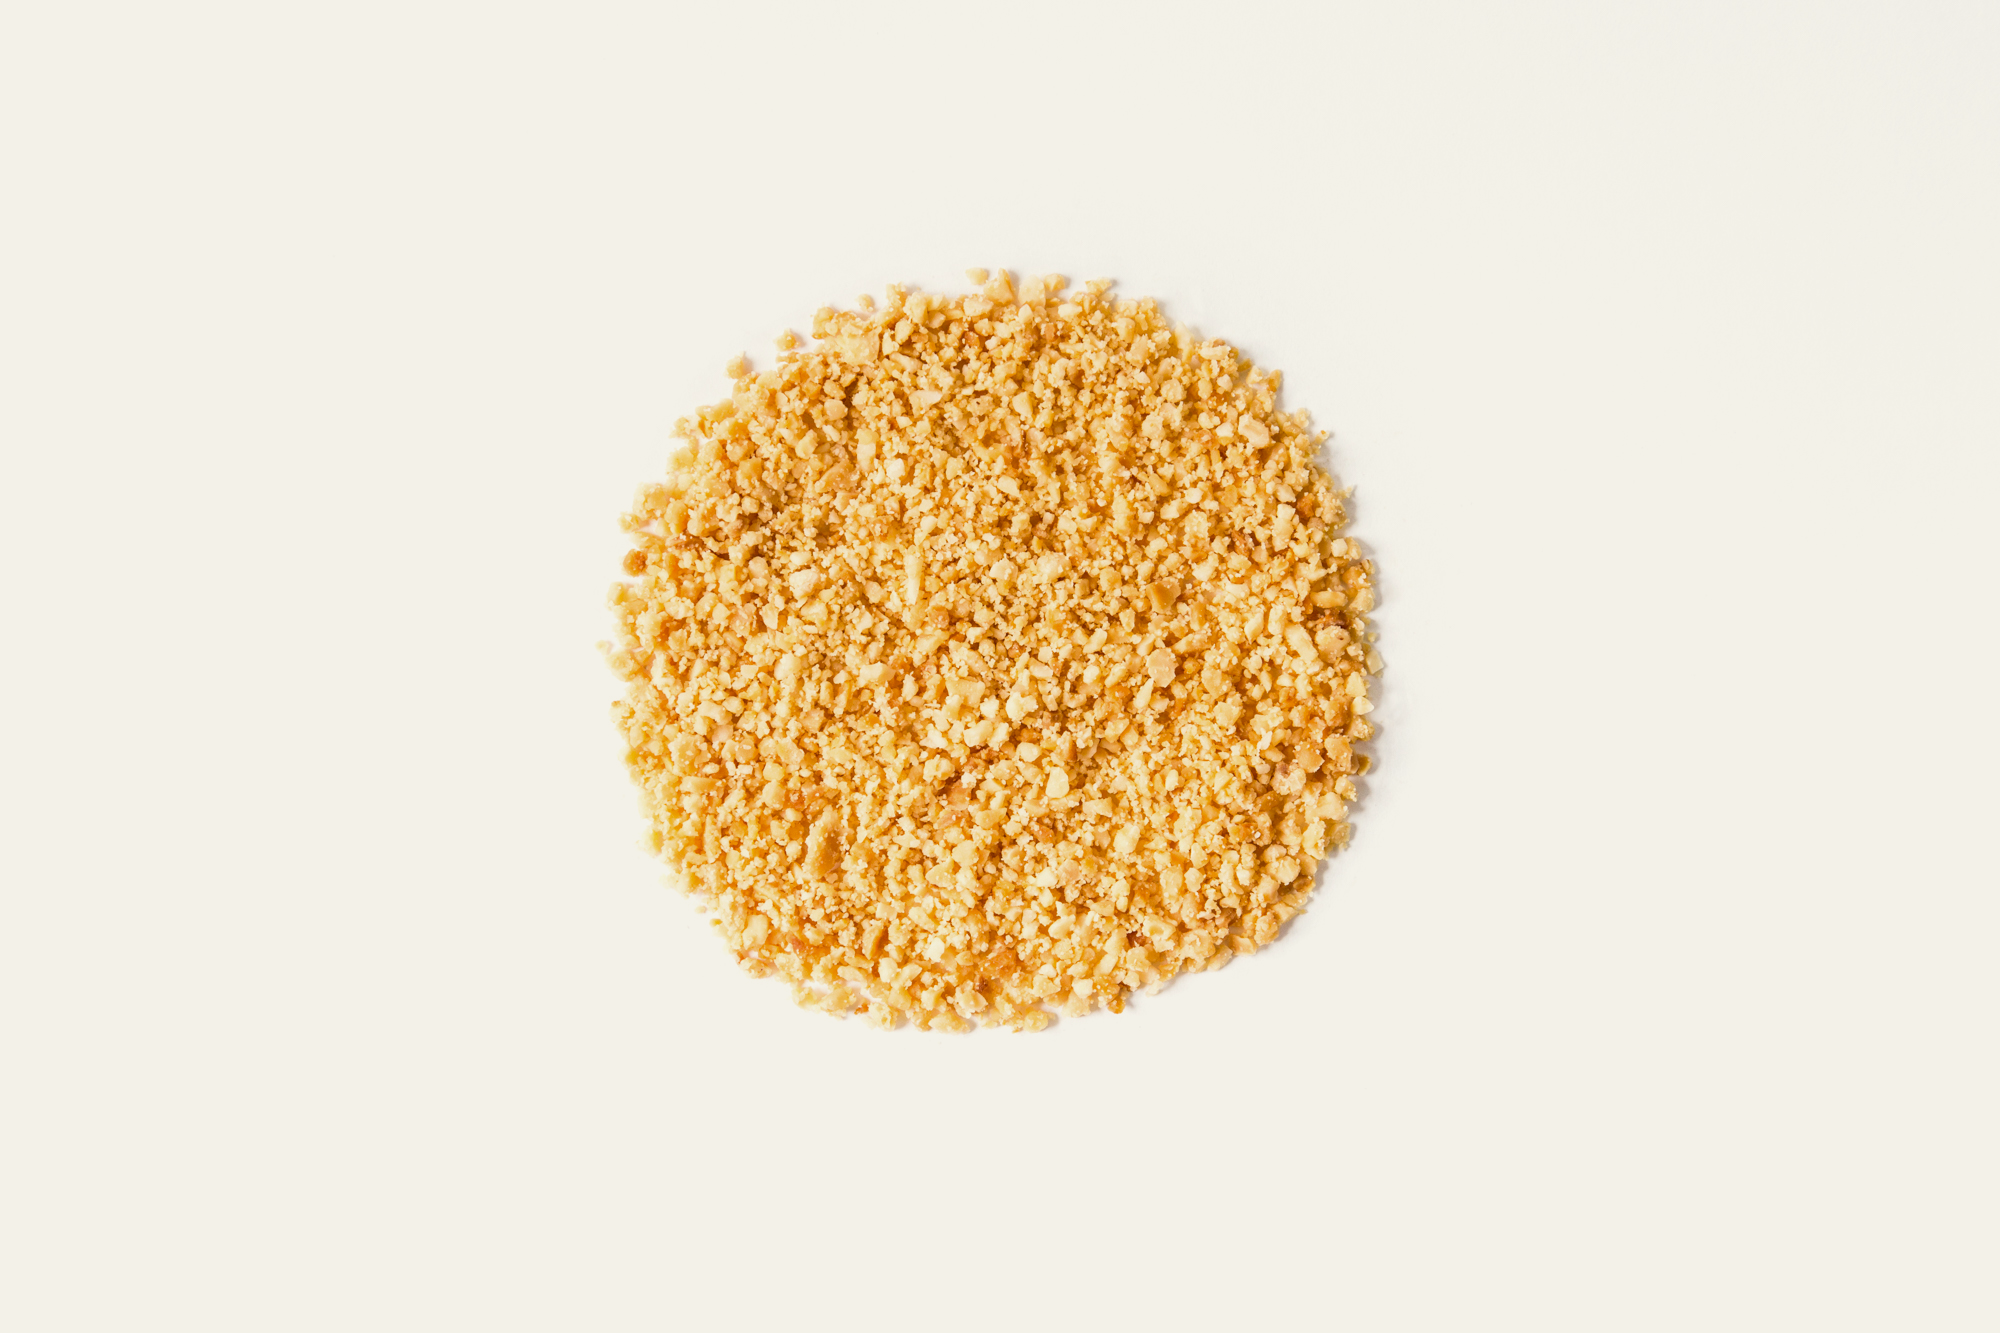 La farina di mandorle è un'ottima alternativa alla farina tradizionale.